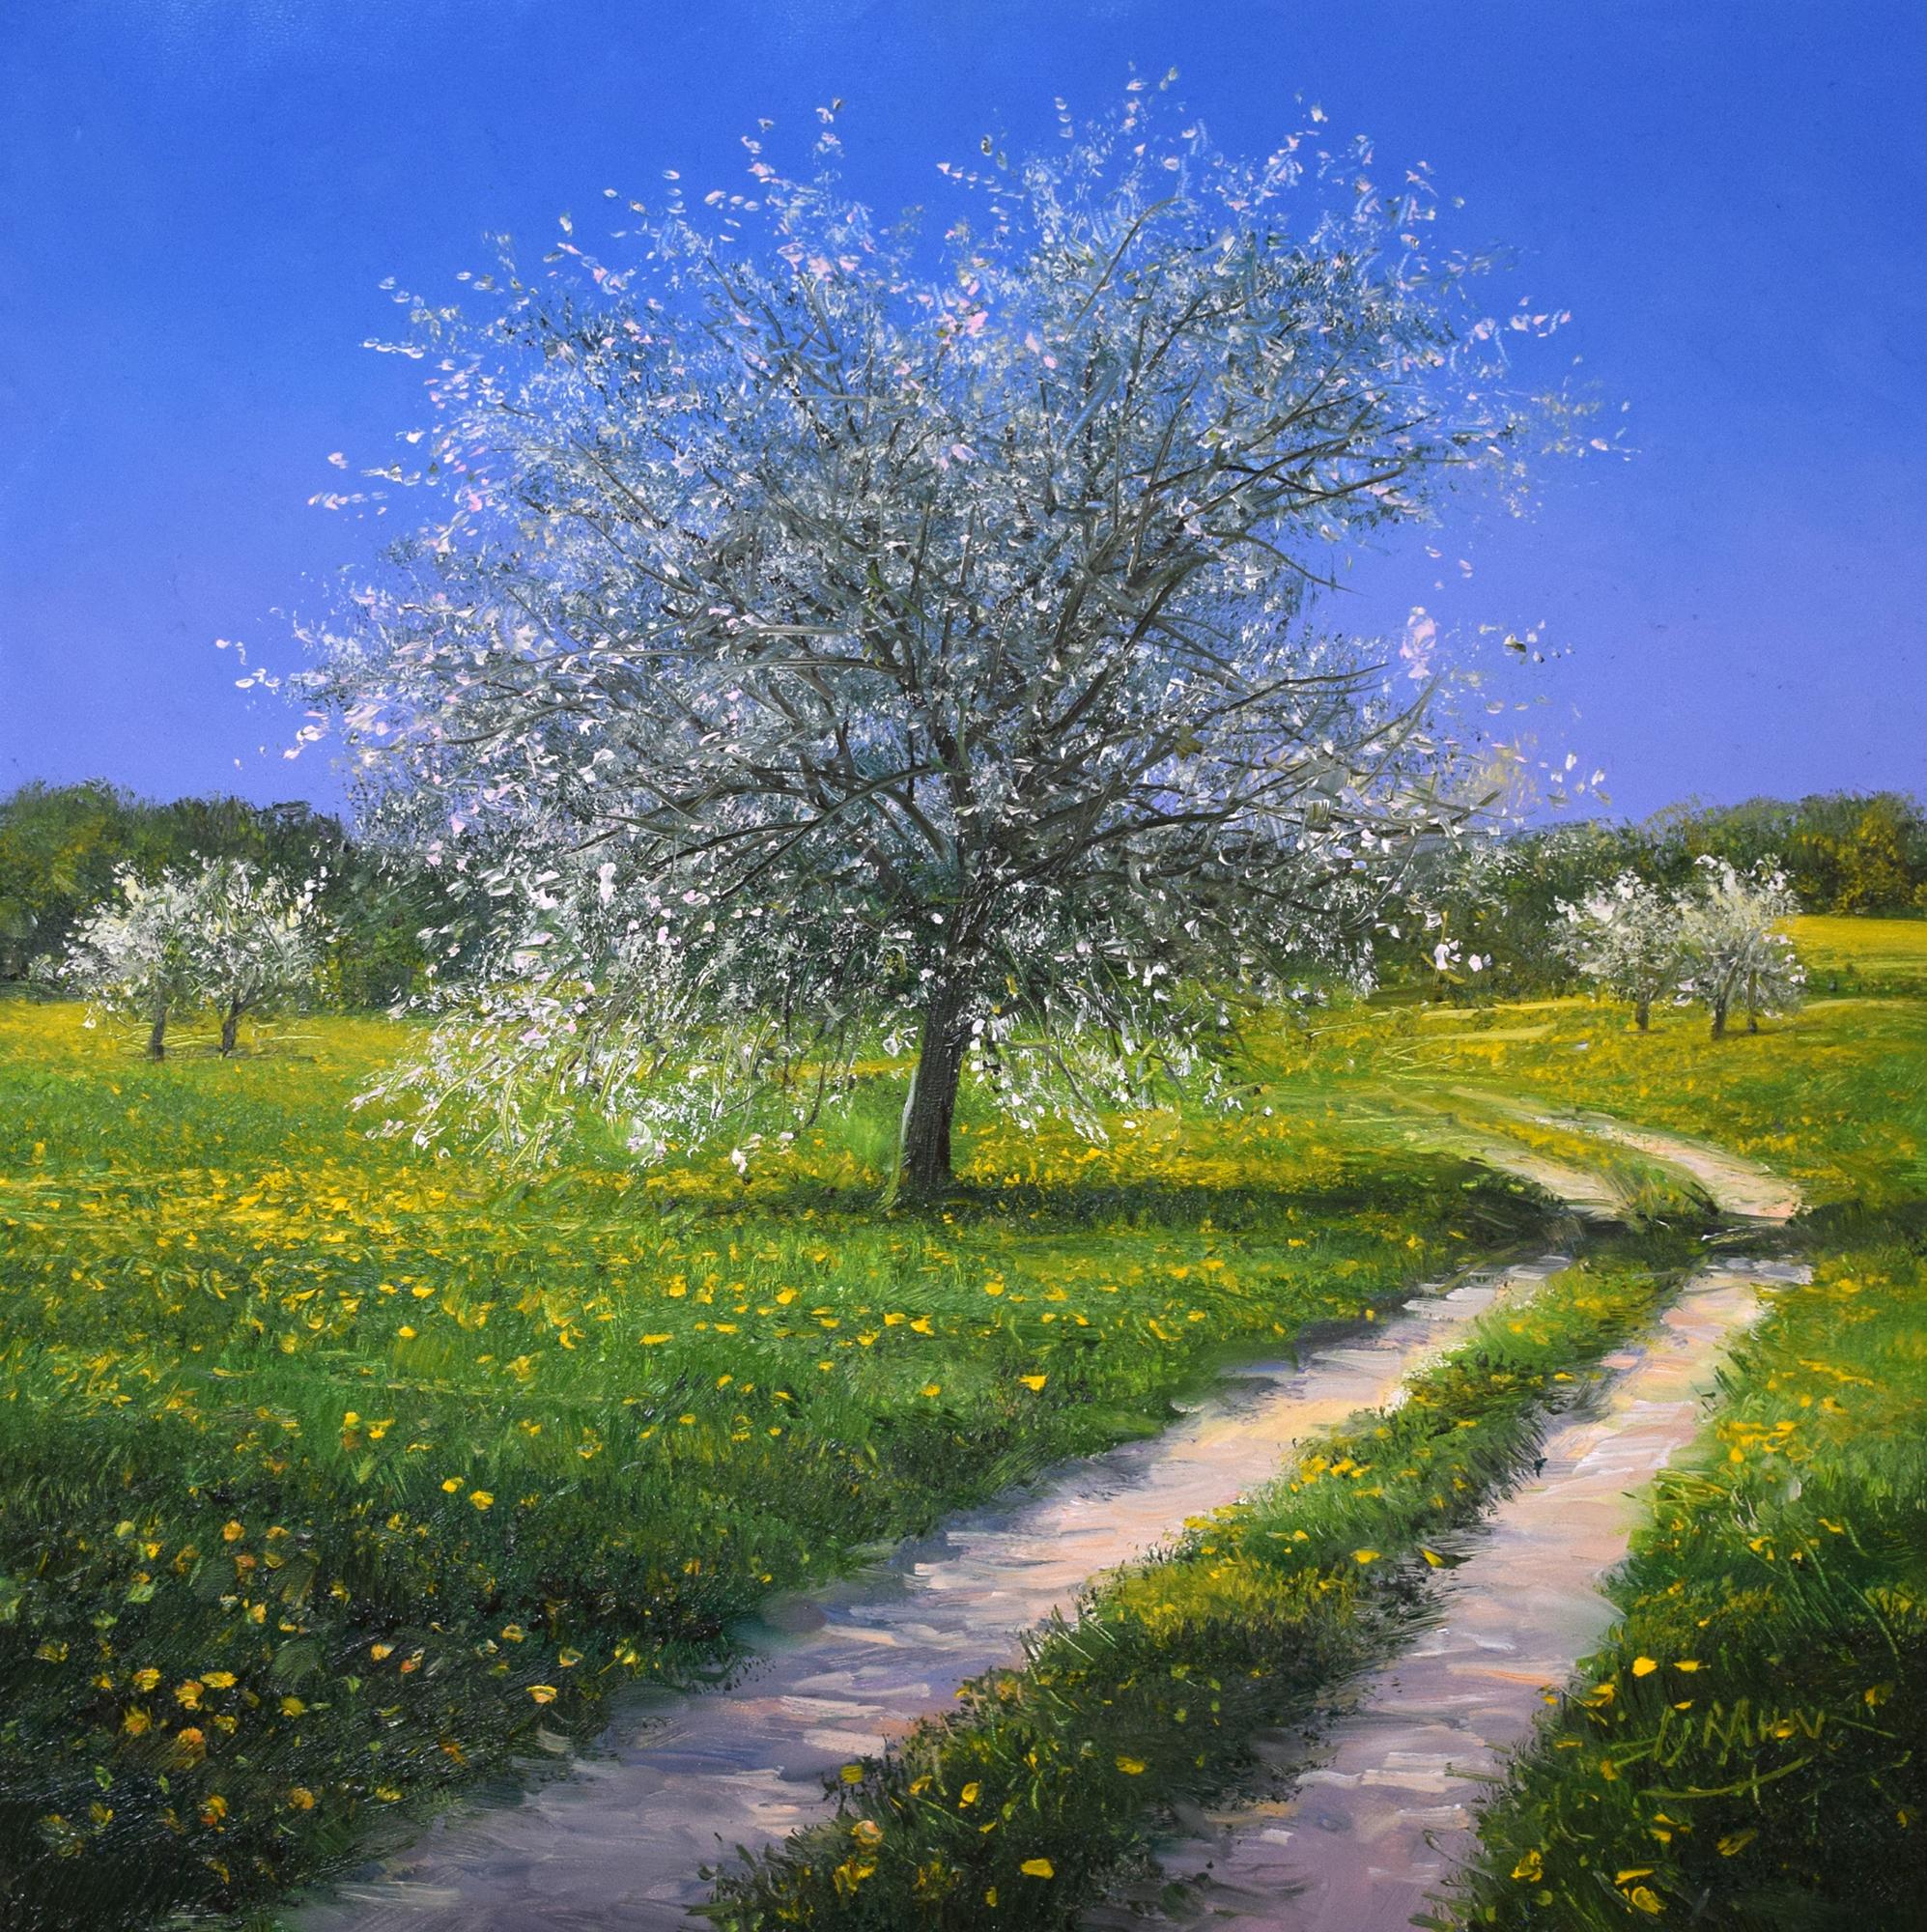 Detlef Rahn - Weg im Frühling , 7840-006-877